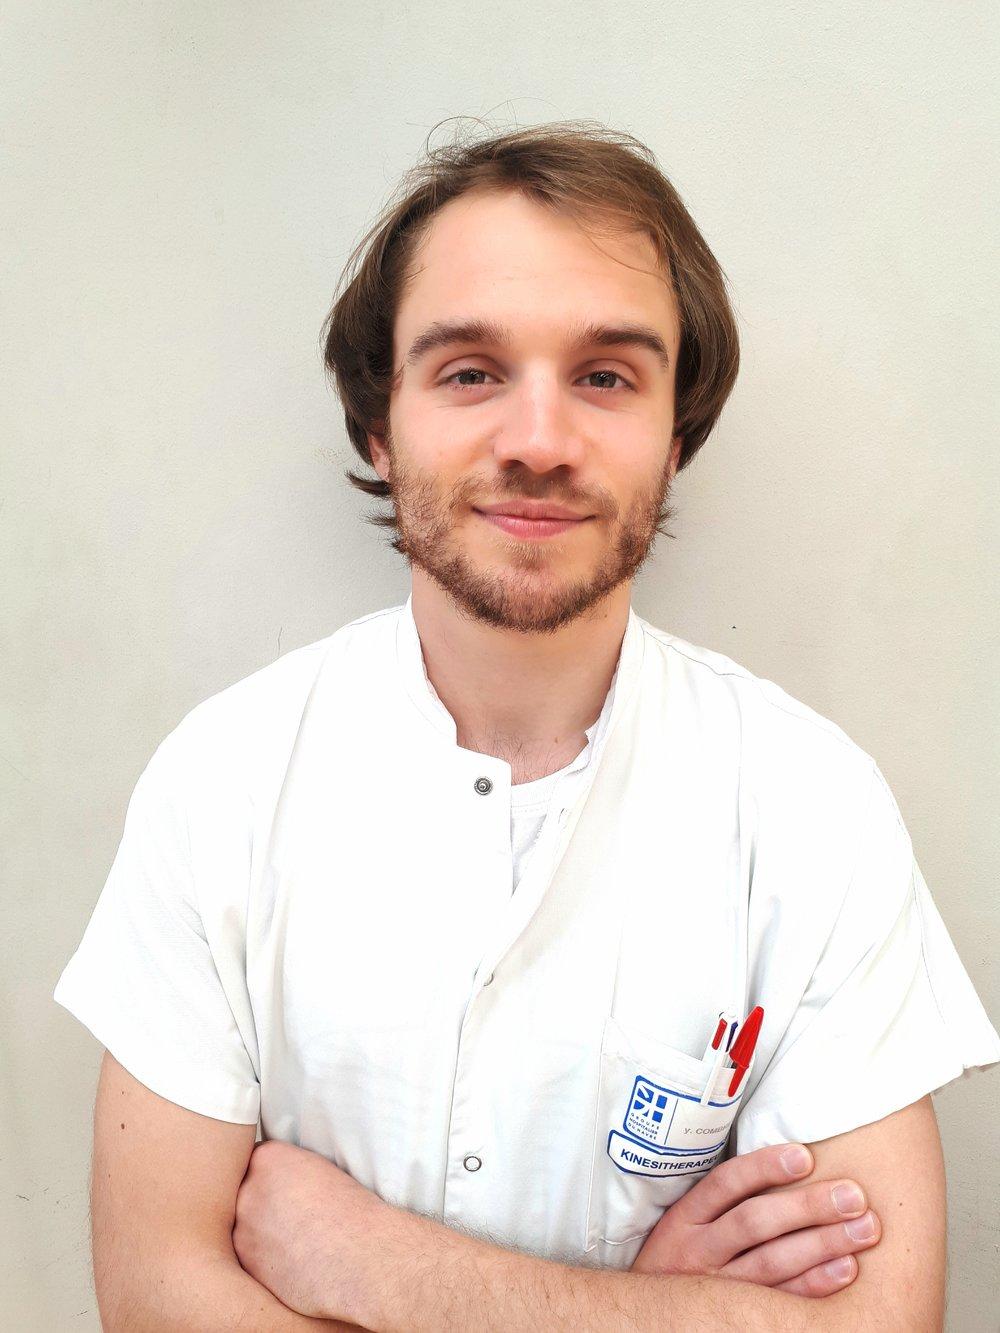 Yann Combret - Kinésithérapeute, titulaire d'un Master 2 et actuellement Doctorant à l'université de Louvain dans le domaine des pathologies resiratoires pédiatriques